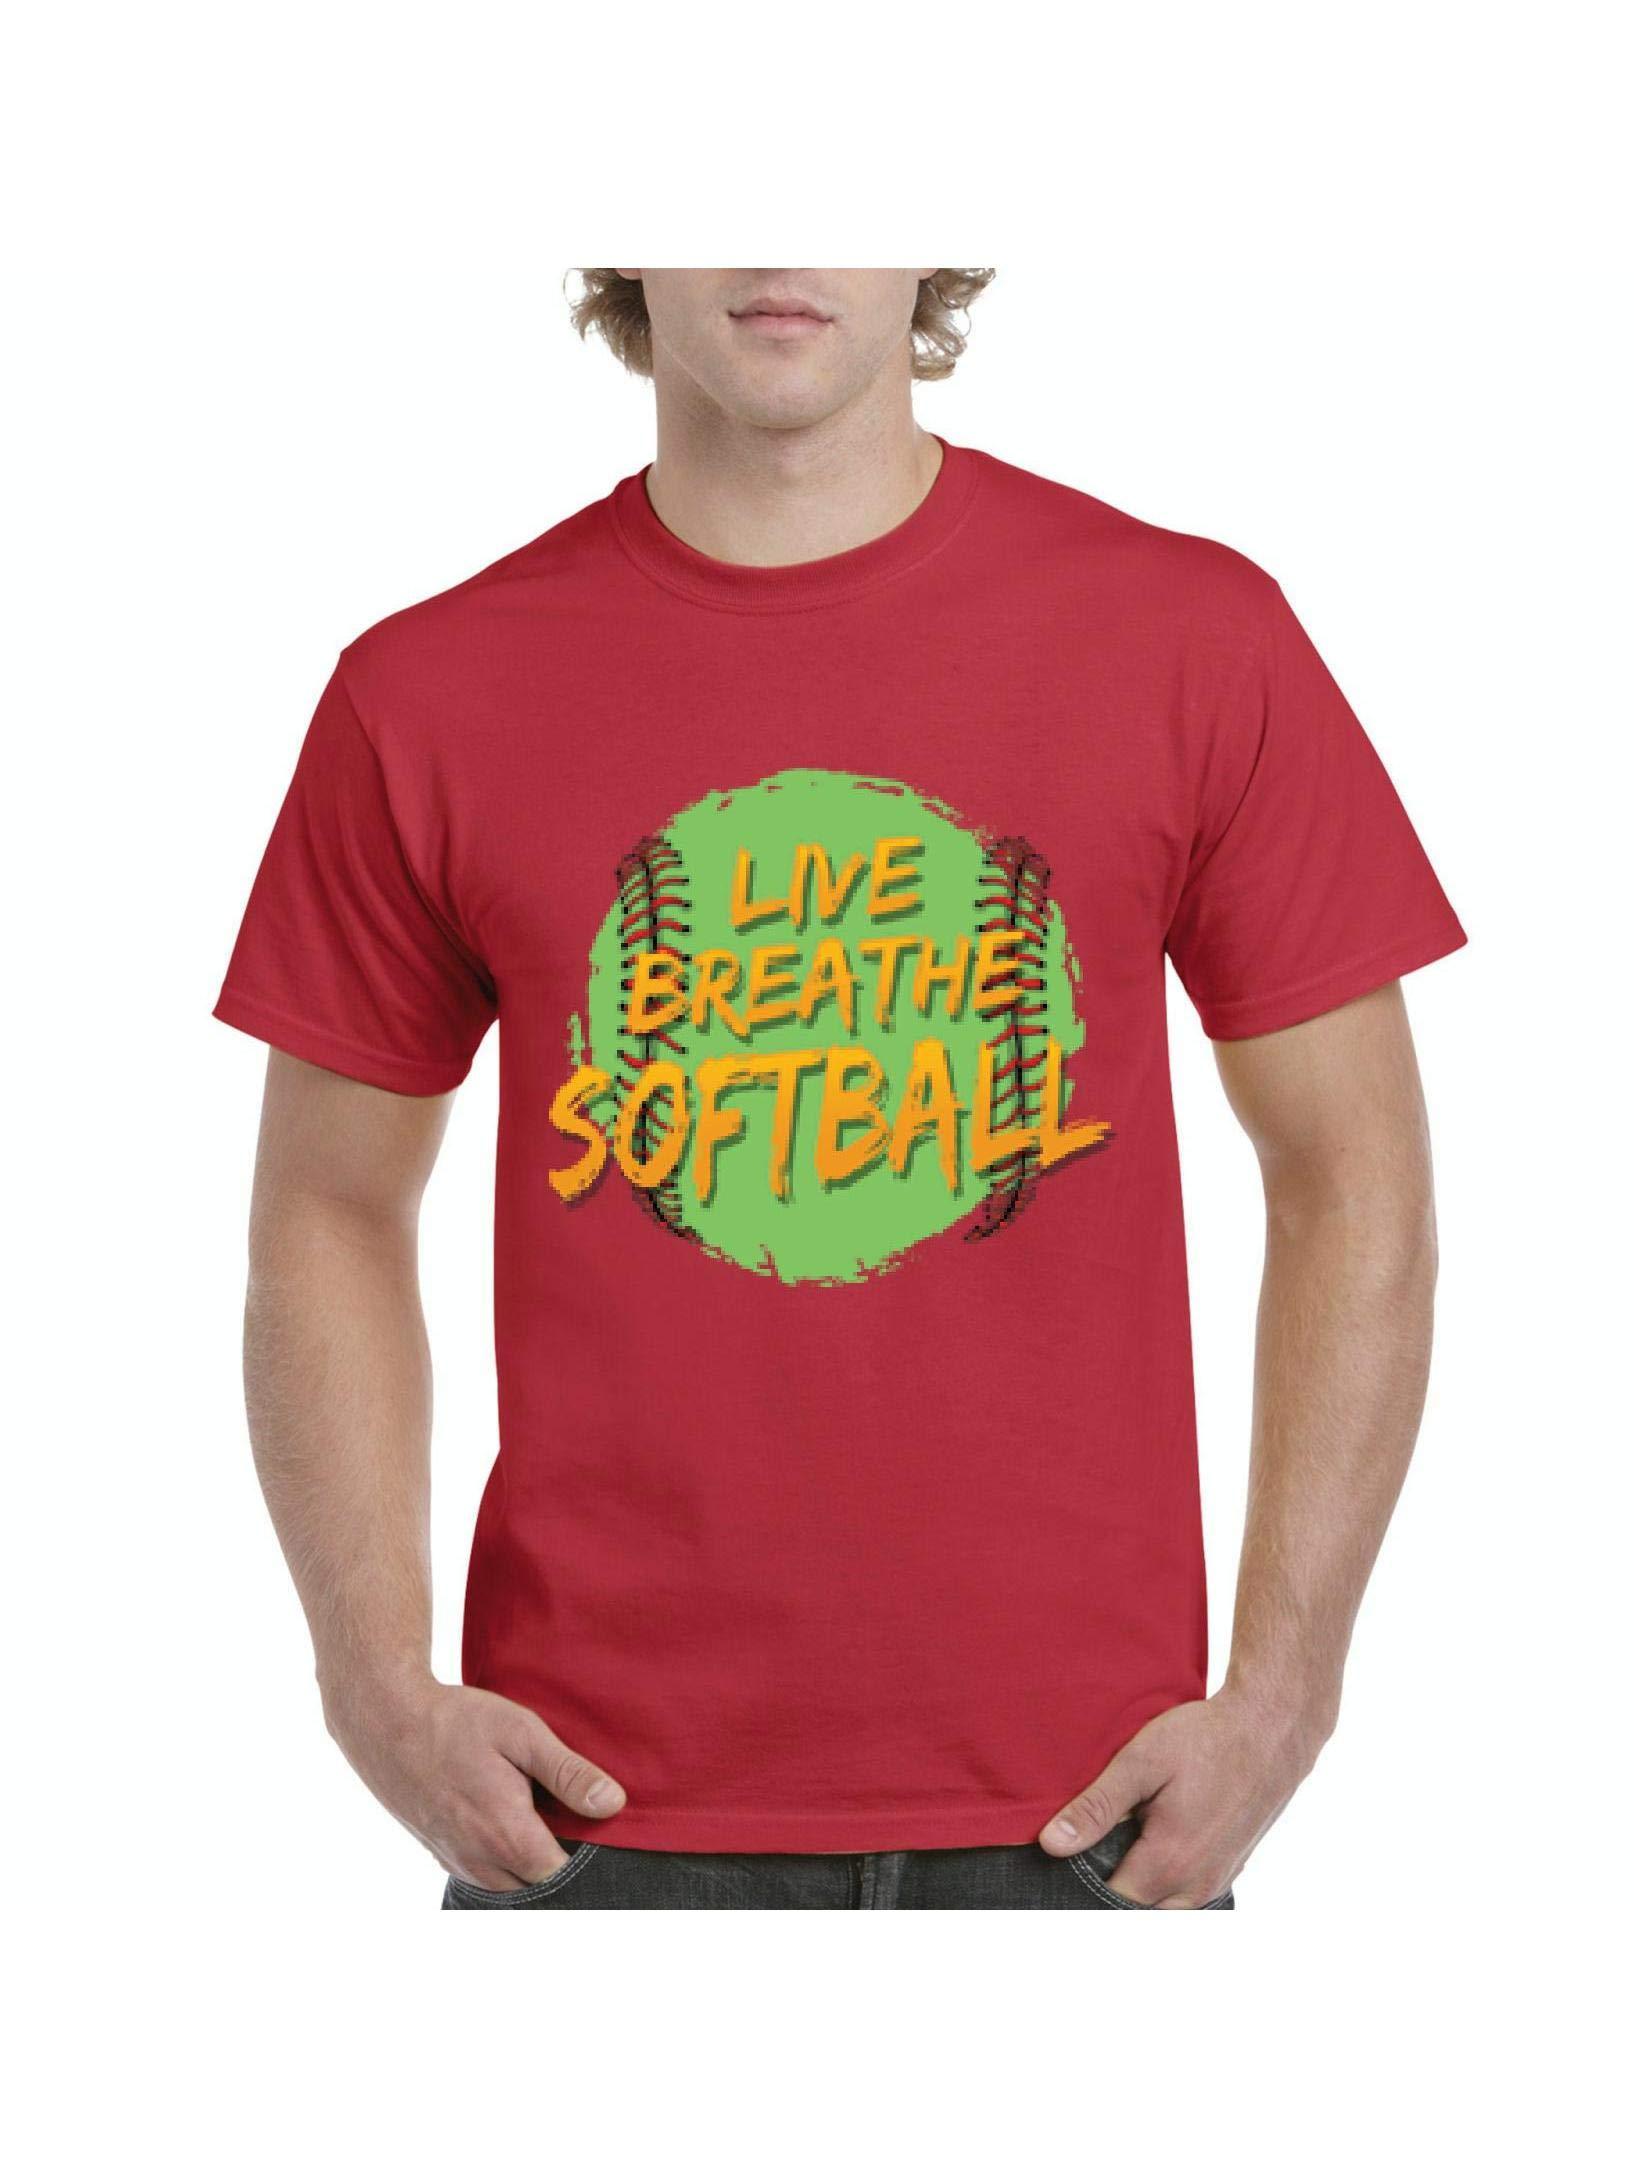 Mom S Favorite Softball Fan Gift Short Sleeve T Shirt 8796